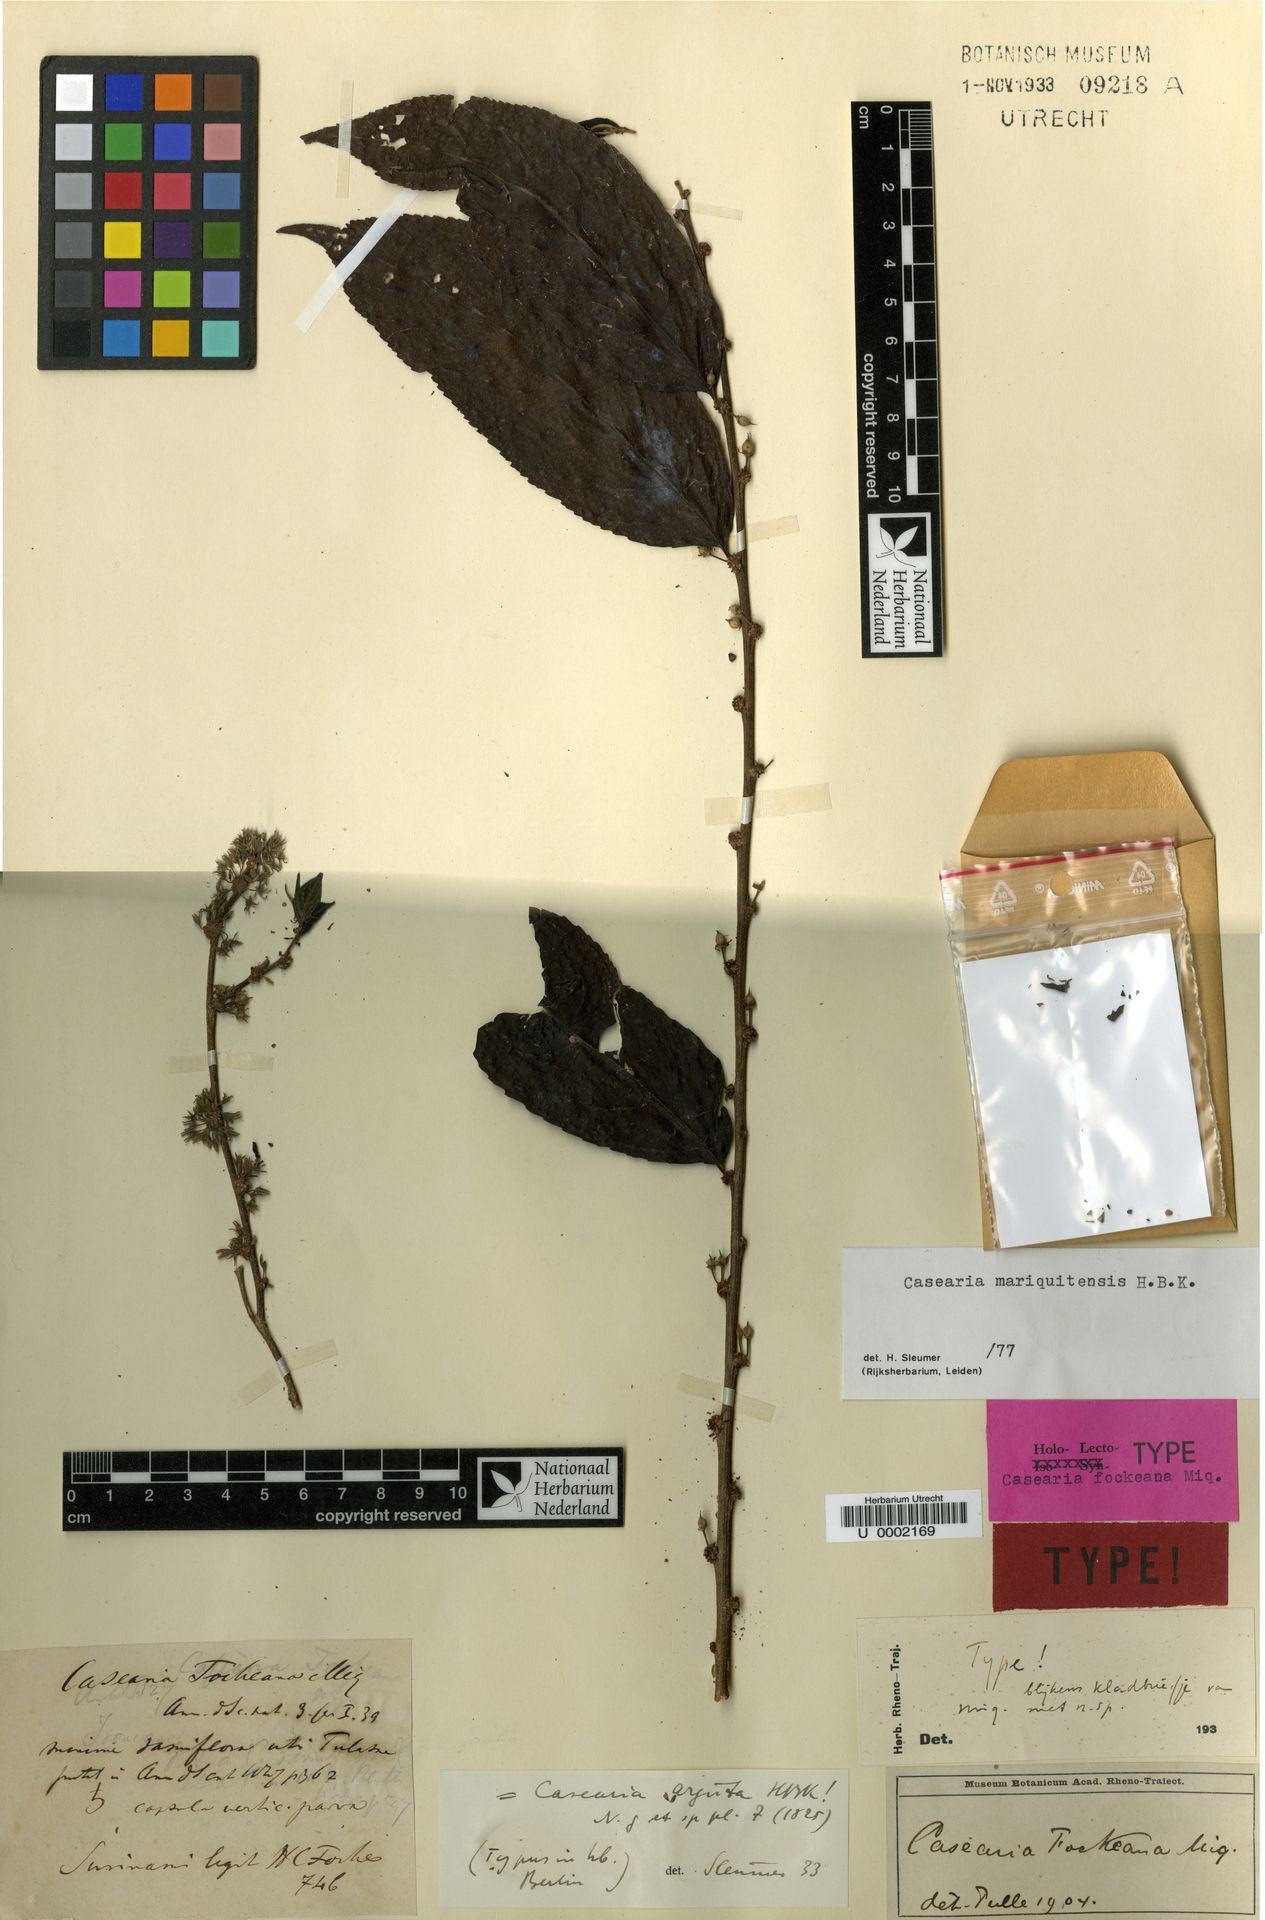 U  0002169   Casearia mariquitensis Kunth